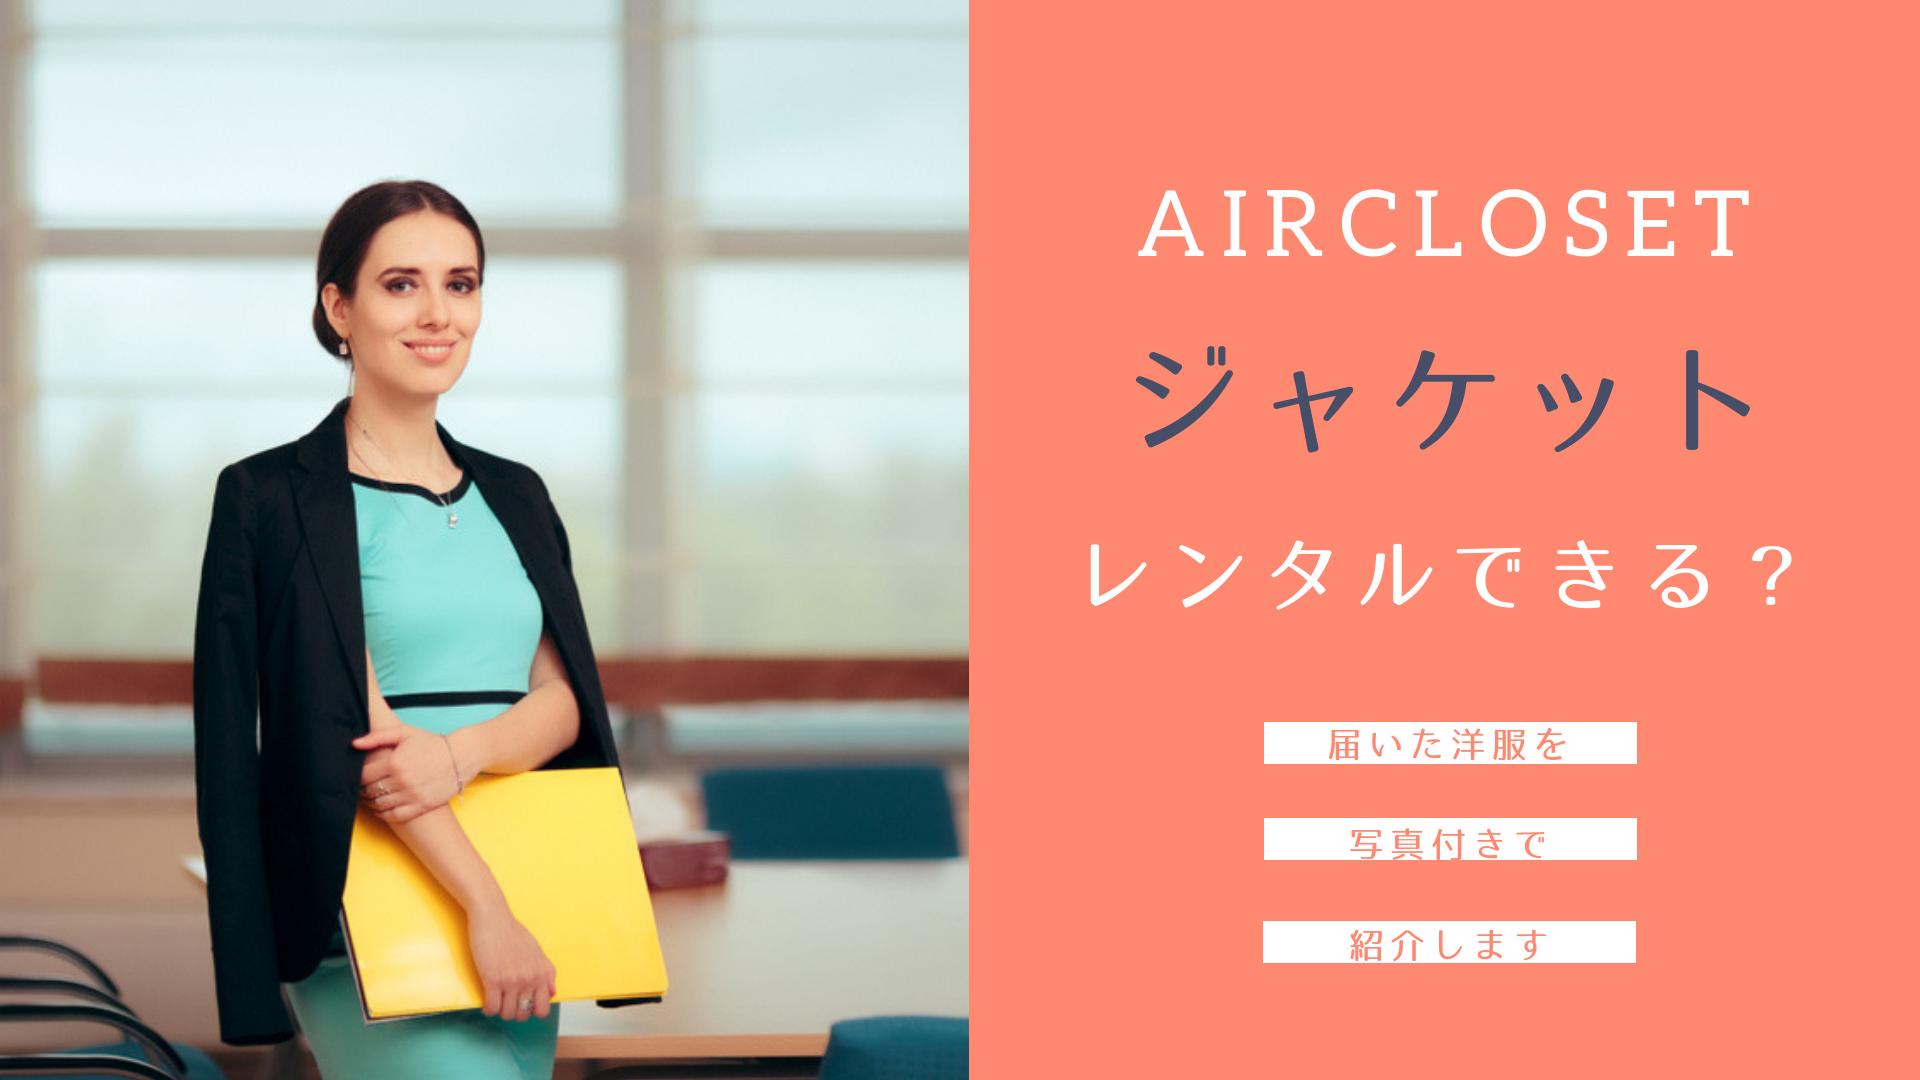 エアークローゼットでジャケットはレンタルできるの?airclosetのオフィス向きなアイテムの取り扱いを調べました